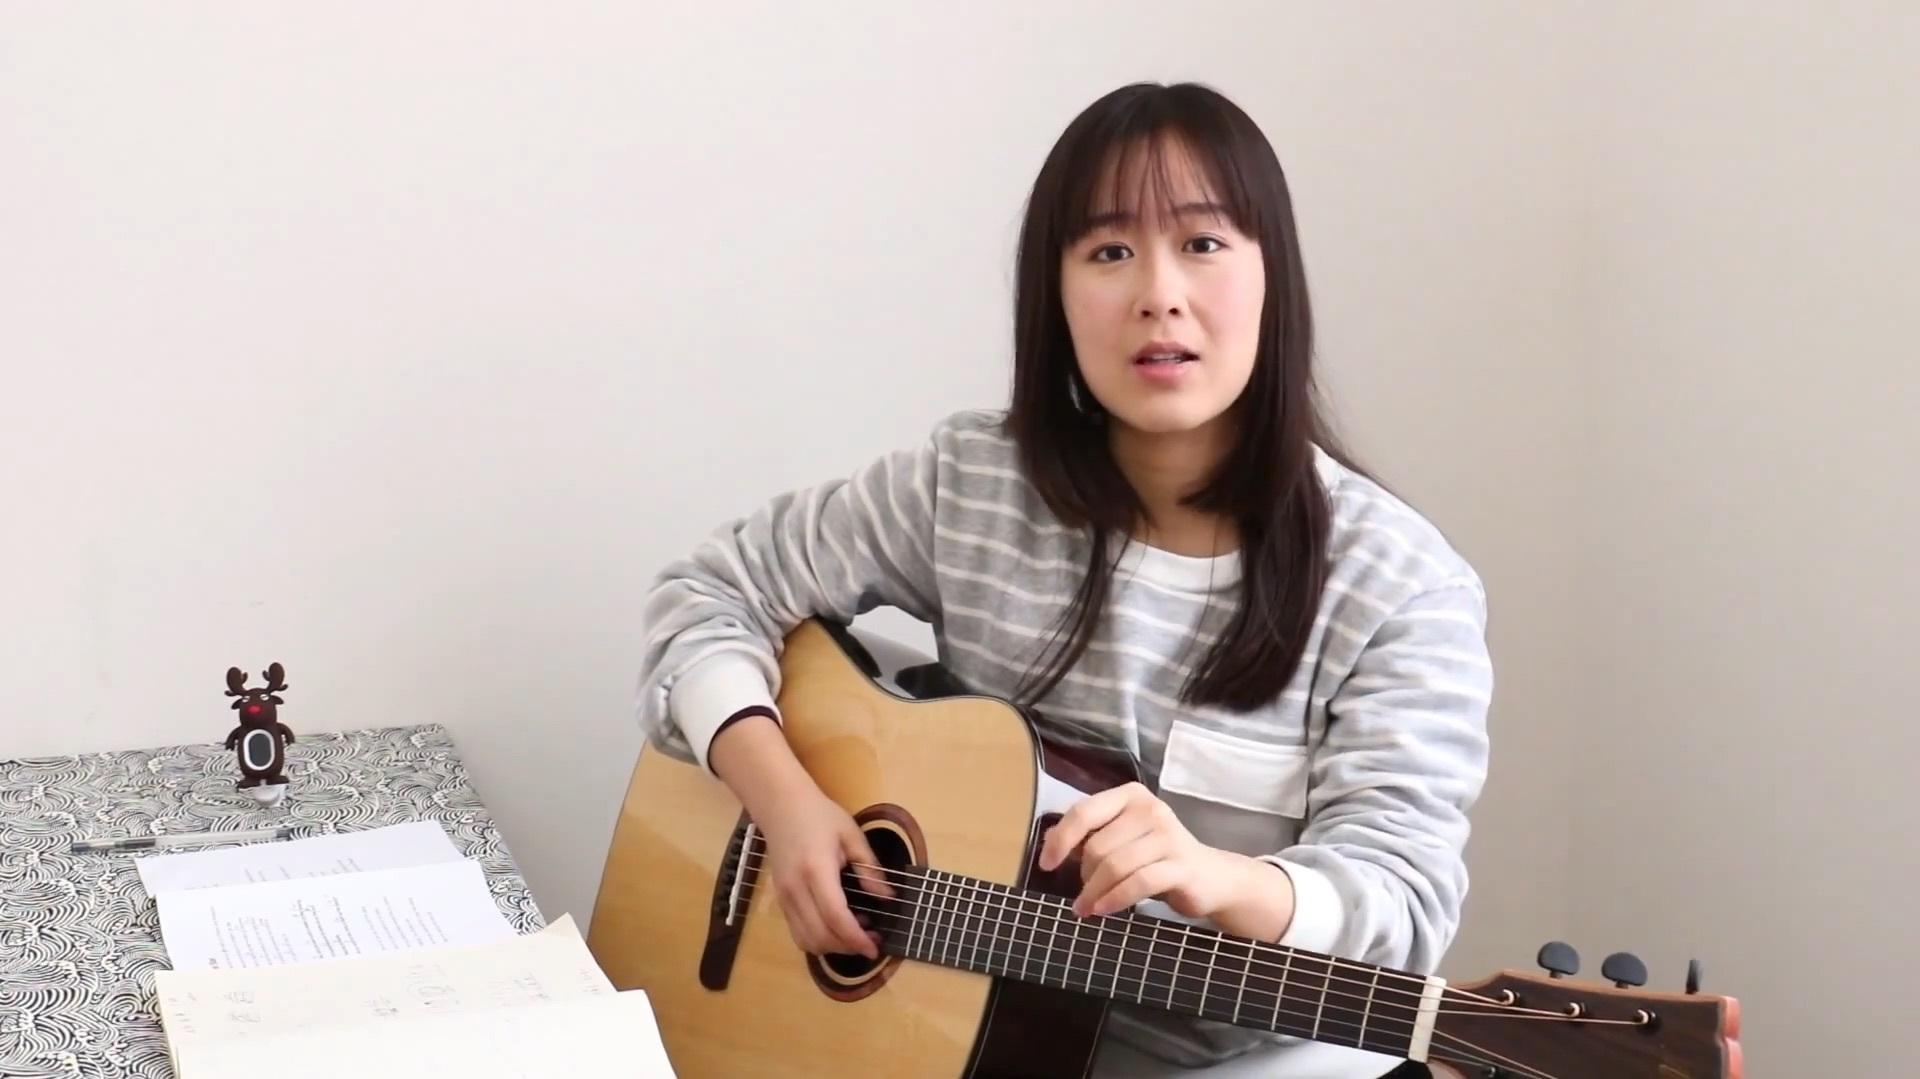 《Lost Stars》吉他教学 - 南音吉他小屋